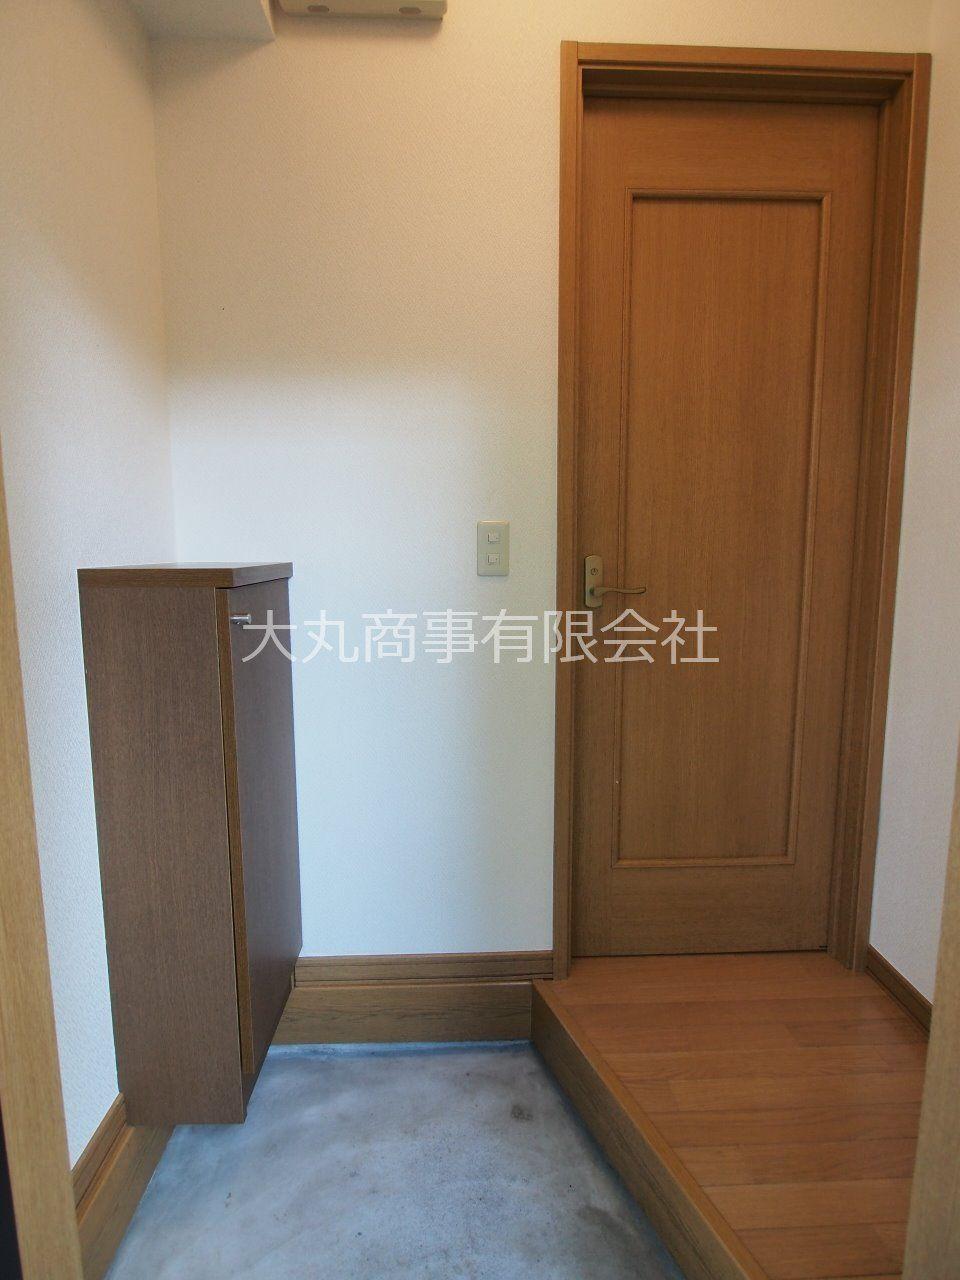 玄関と居室の間にドアがあり、来訪者からプライバシーを守れます